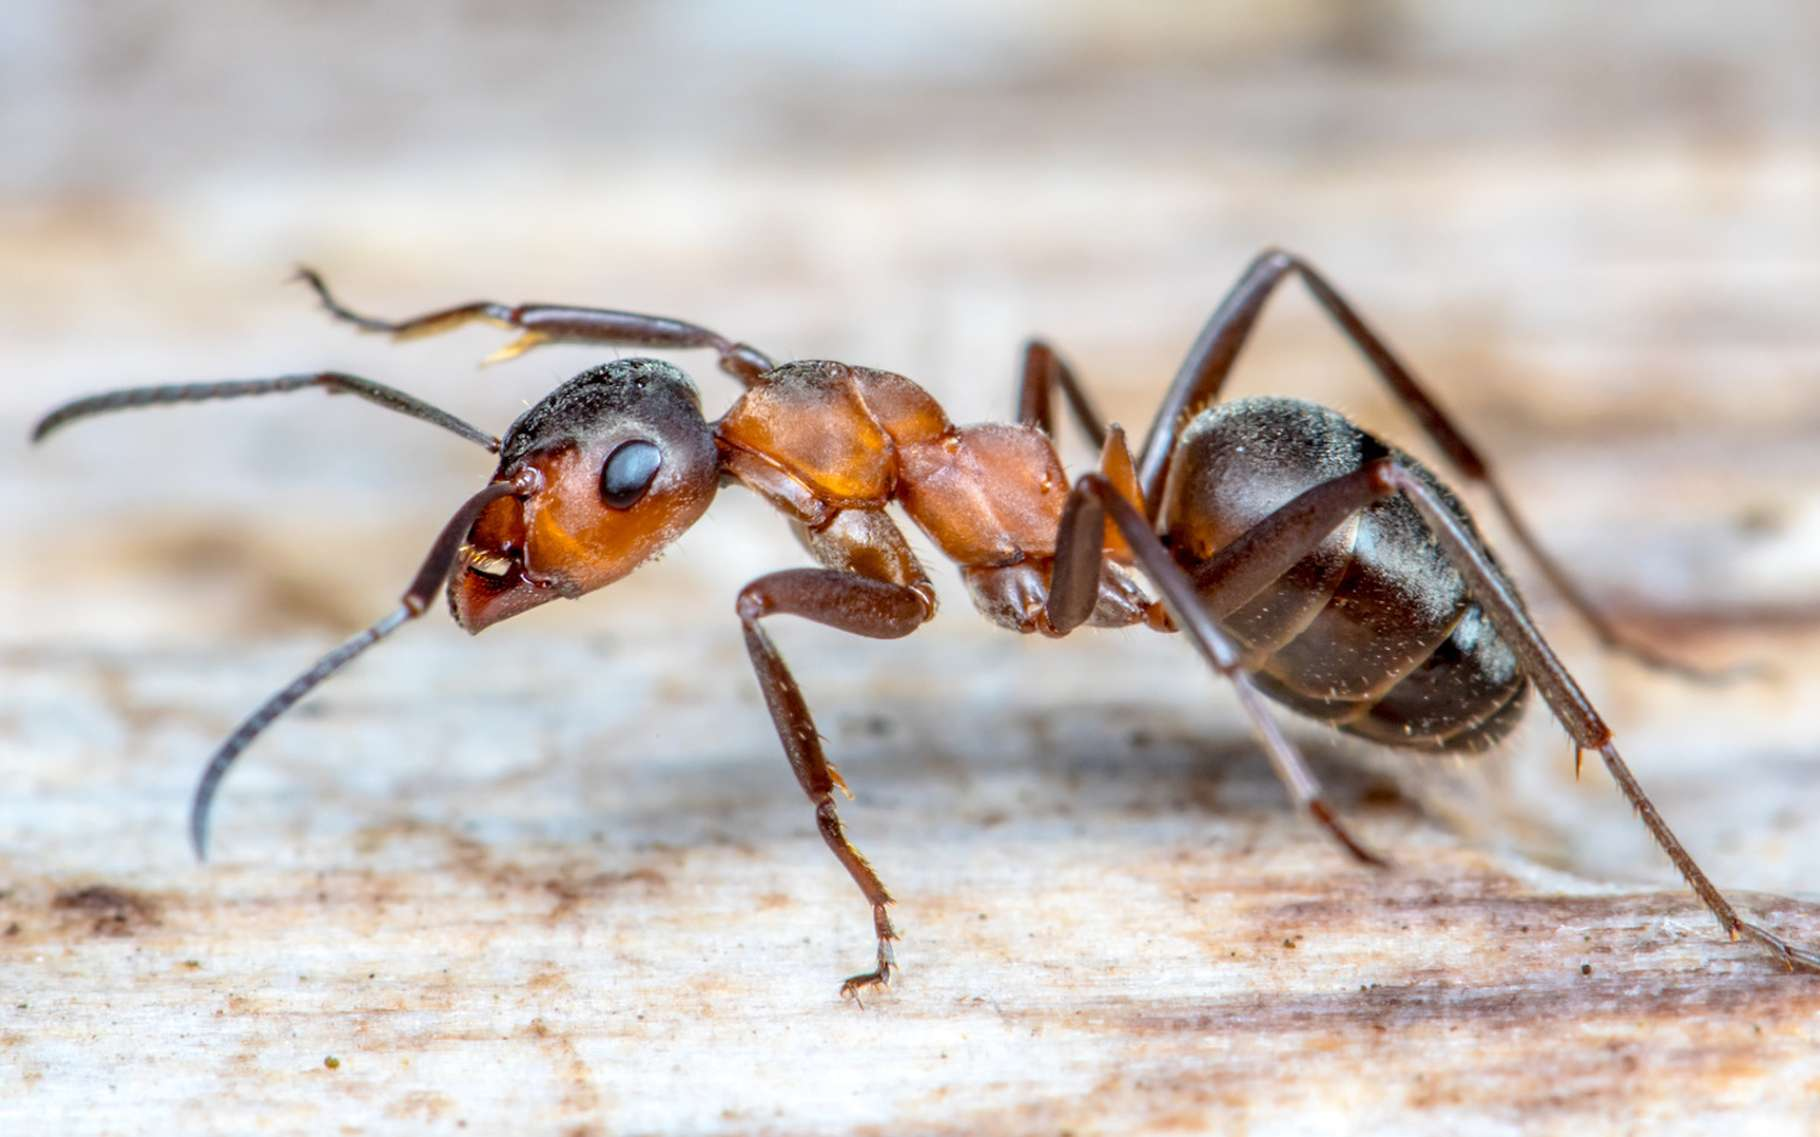 Chez les Formica, il existe de nombreuses espèces, parmi lesquelles, des fourmis esclavagistes. Mais comment en sont-elles venues à adopter ce comportement? © Rainer Fuhrmann, Fotolia